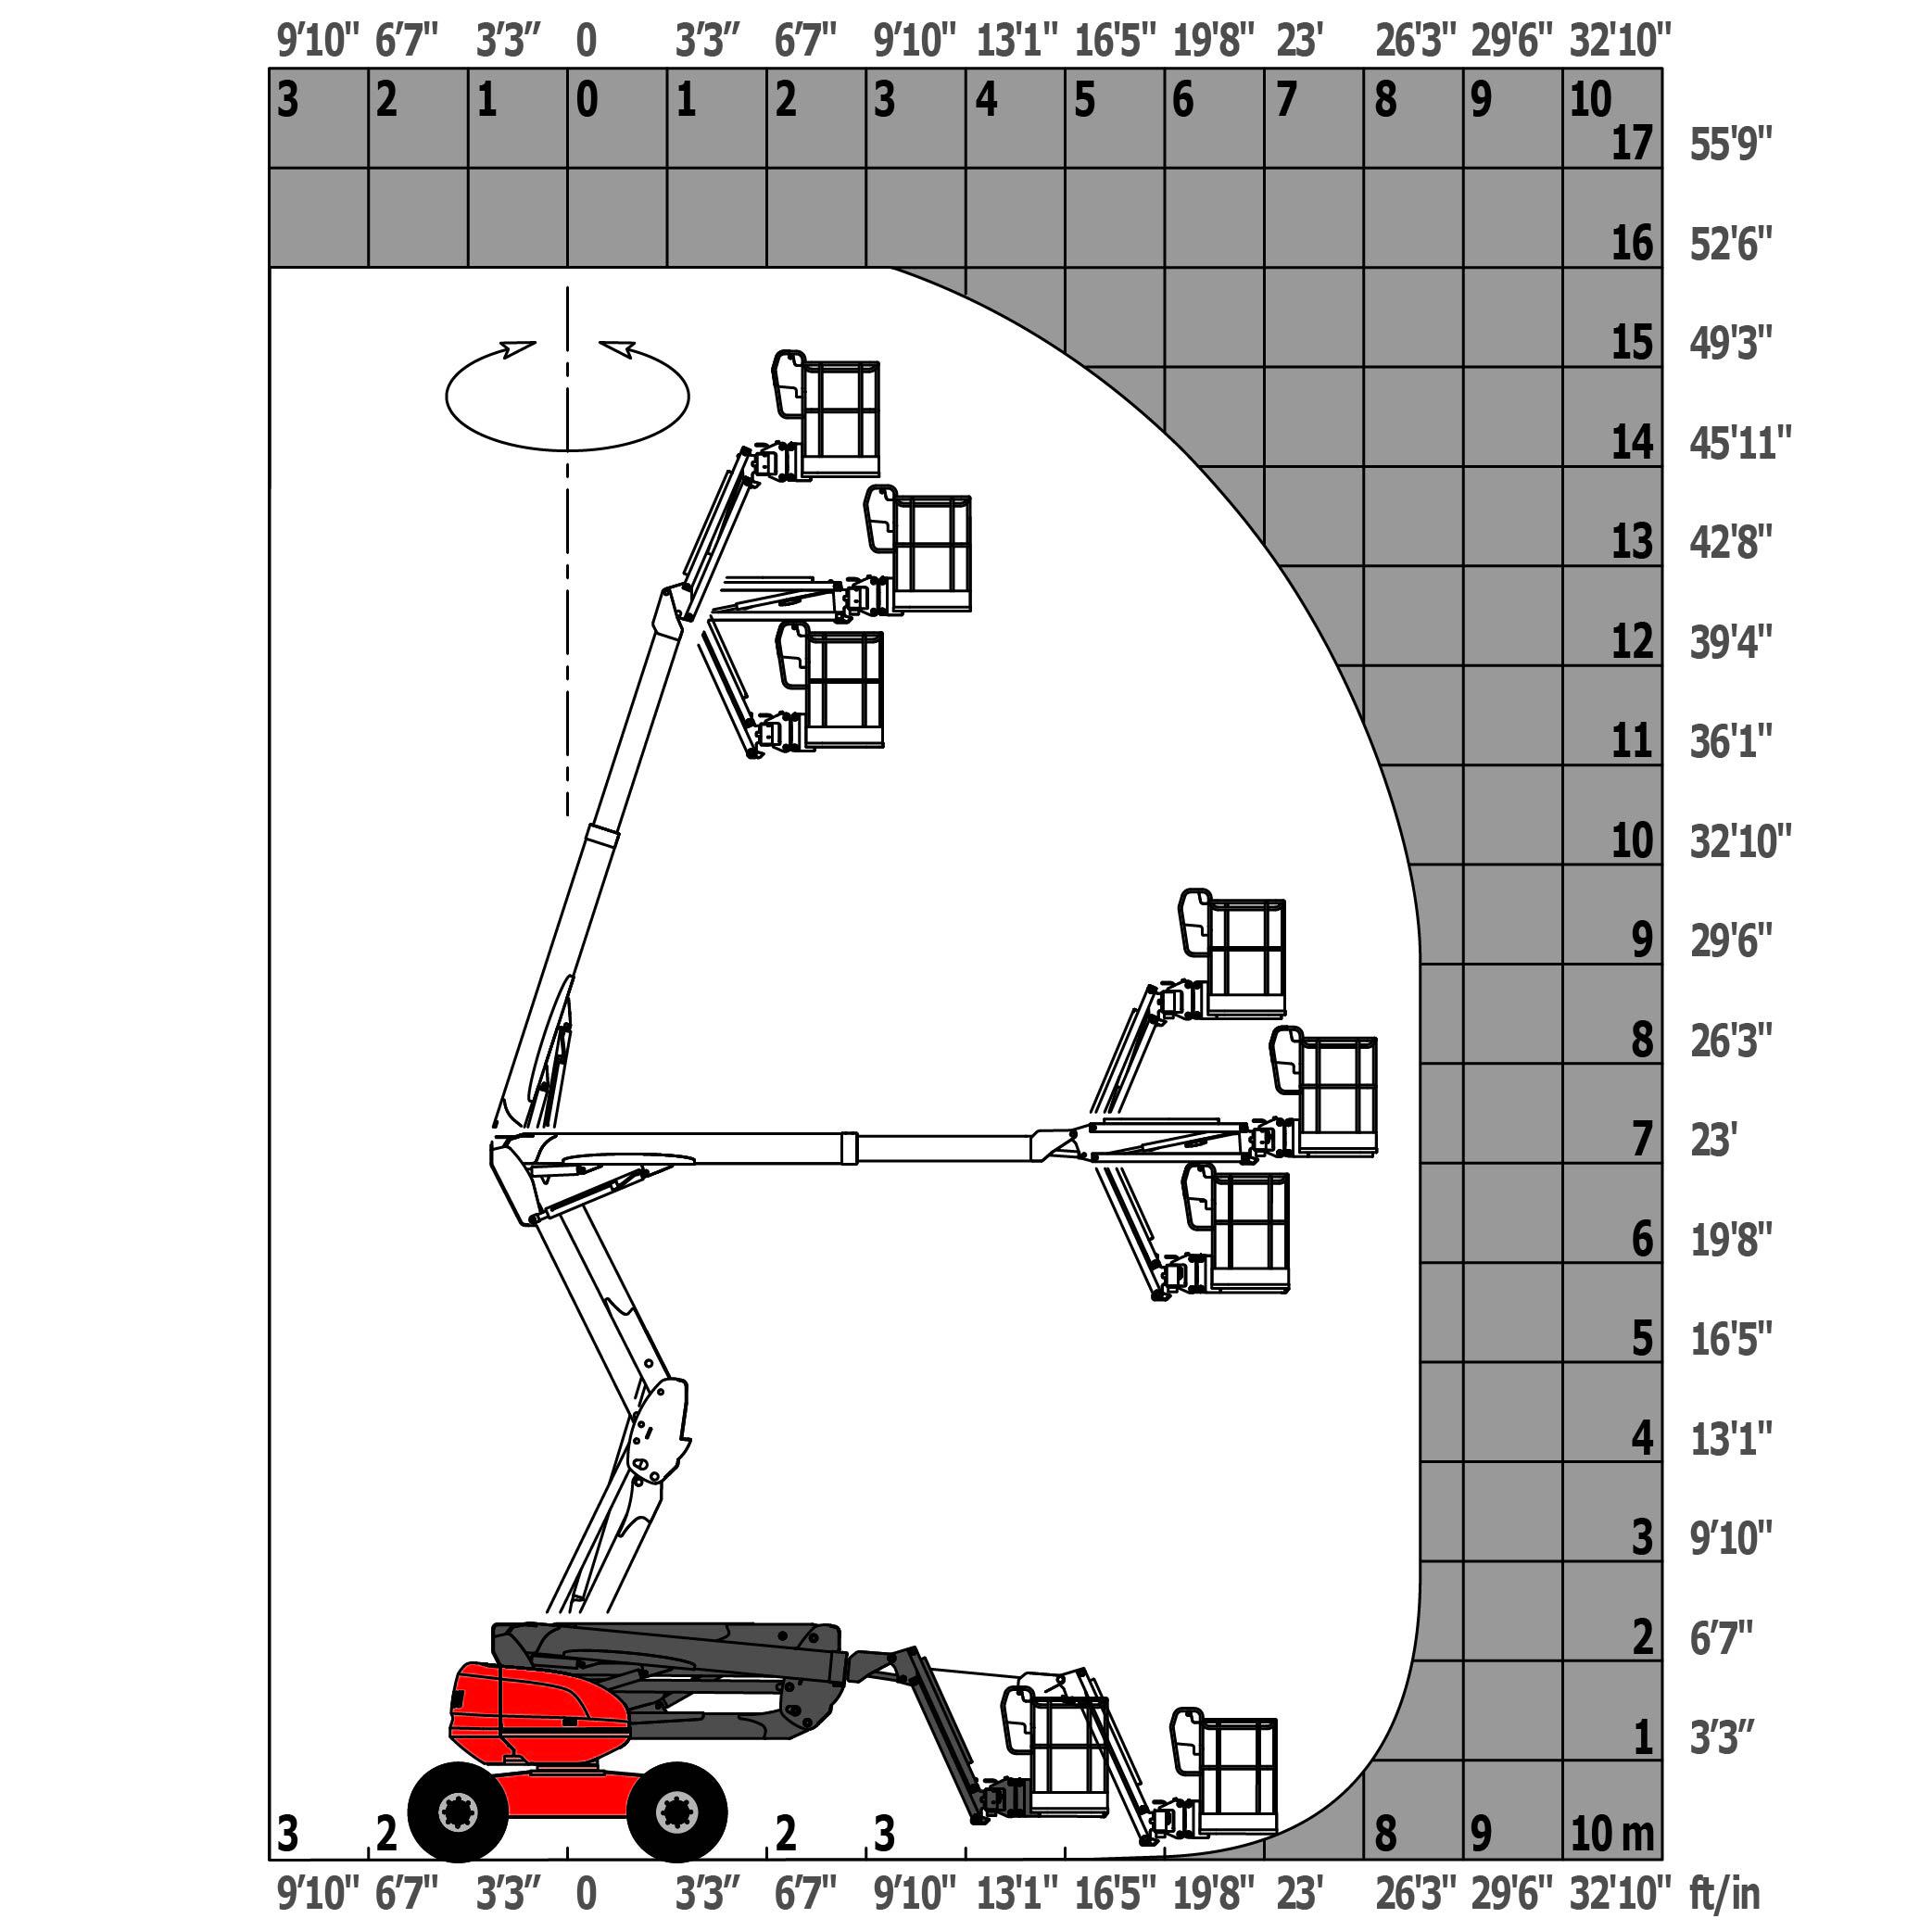 manitou 160 atj aerial work platforms articulated jib rh manitou com manitou 634 wiring diagram manitou 628 wiring diagram